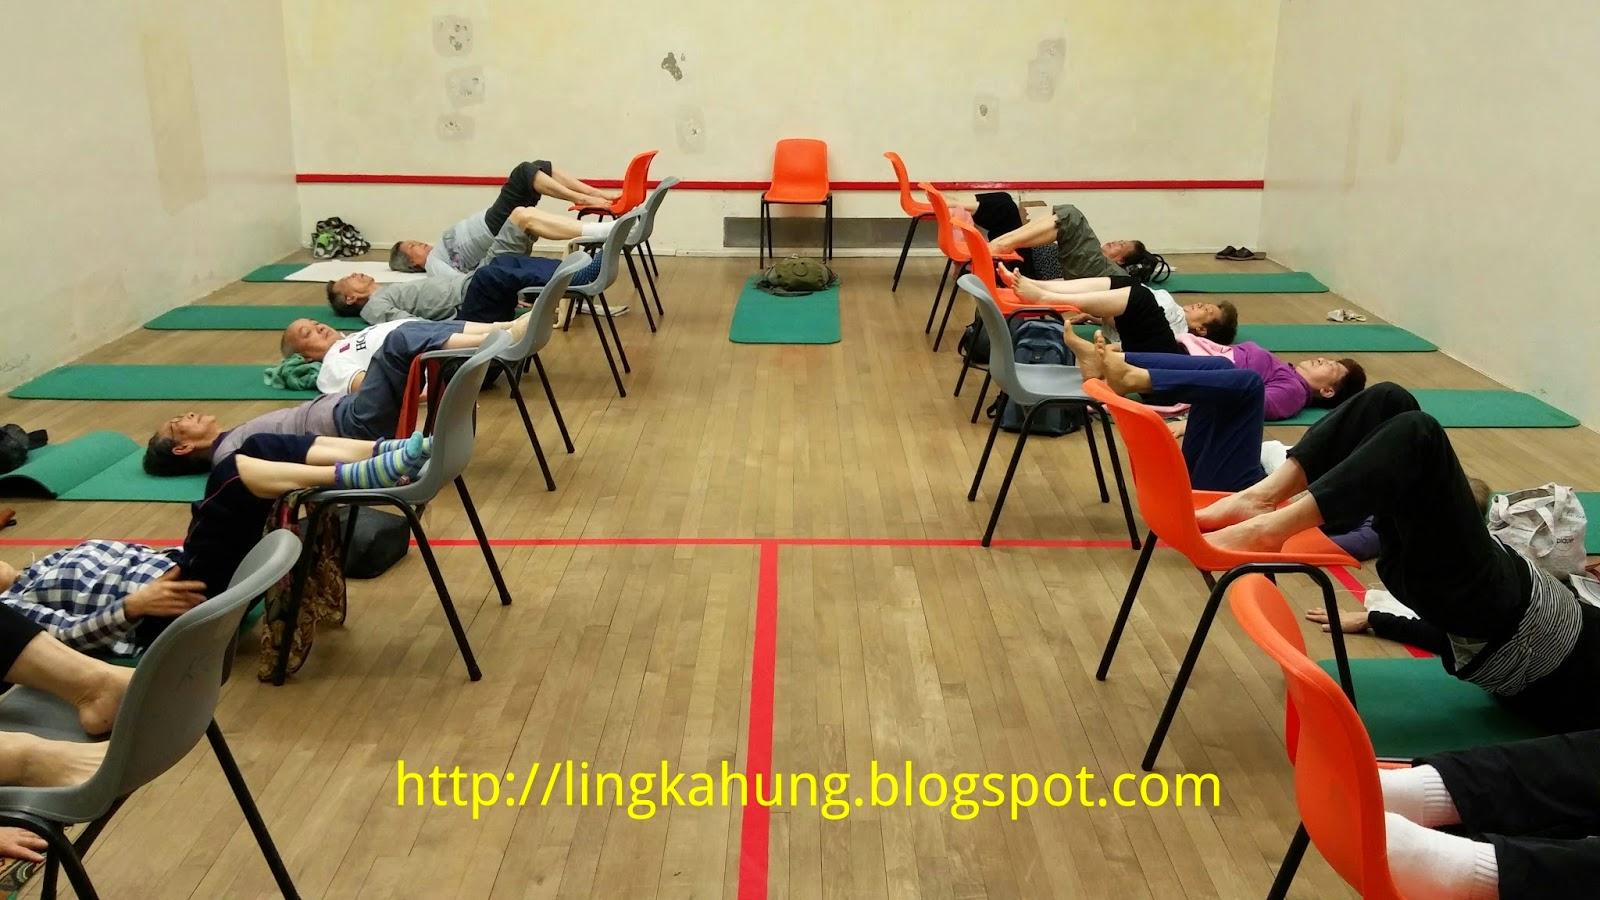 從今天開始運動: 4.5小時的教班生活